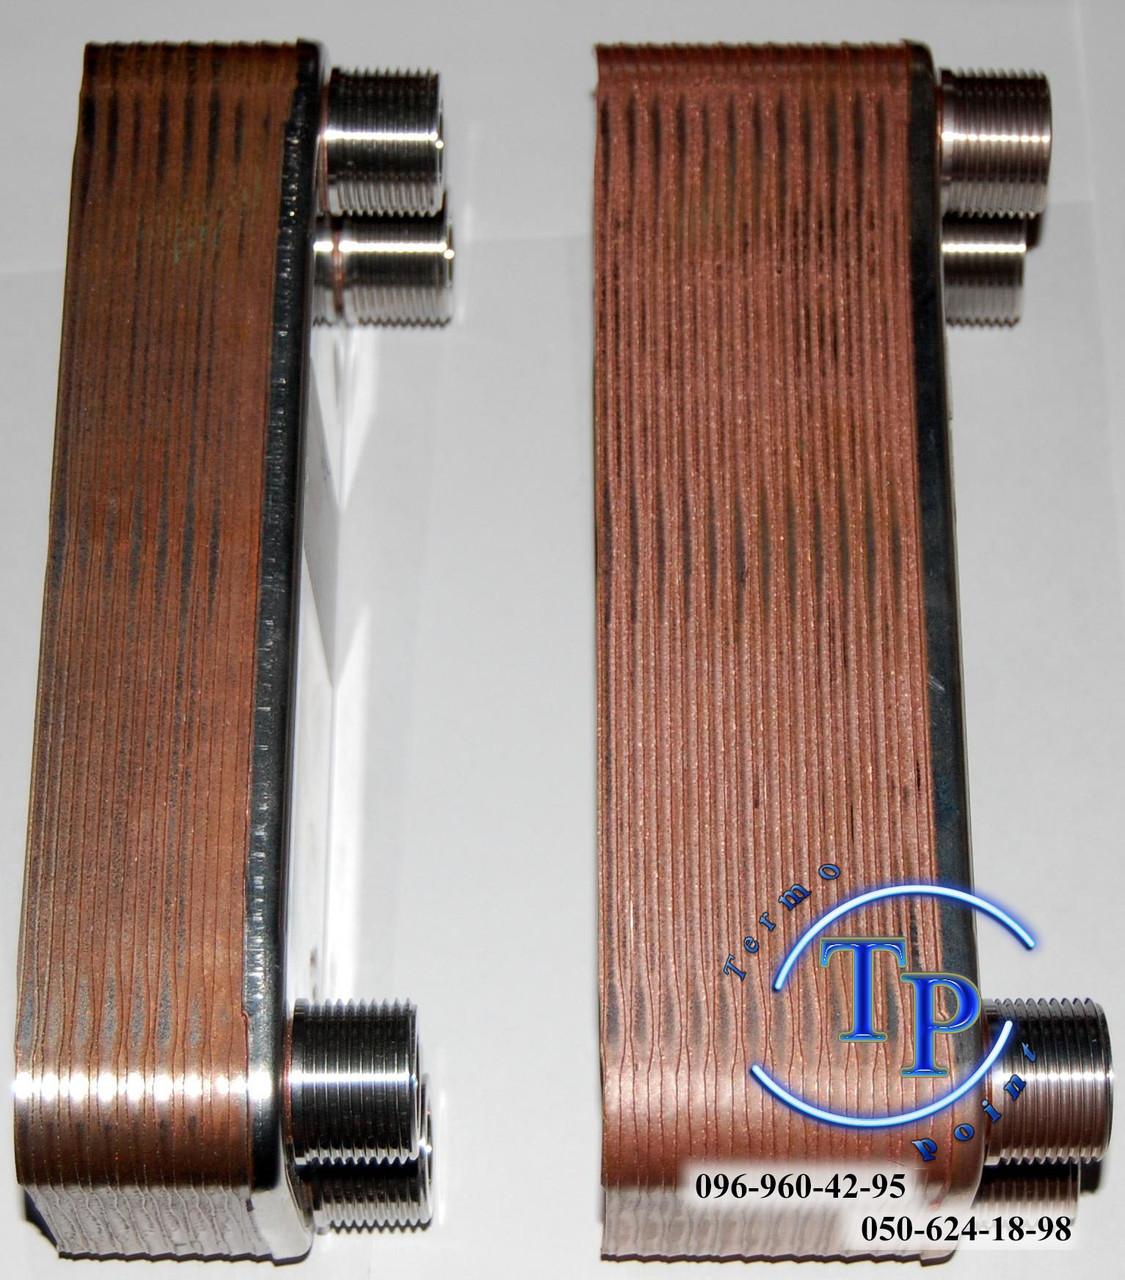 Alfa laval мощность теплообменника Кожухотрубный испаритель WTK DFE 150 Обнинск